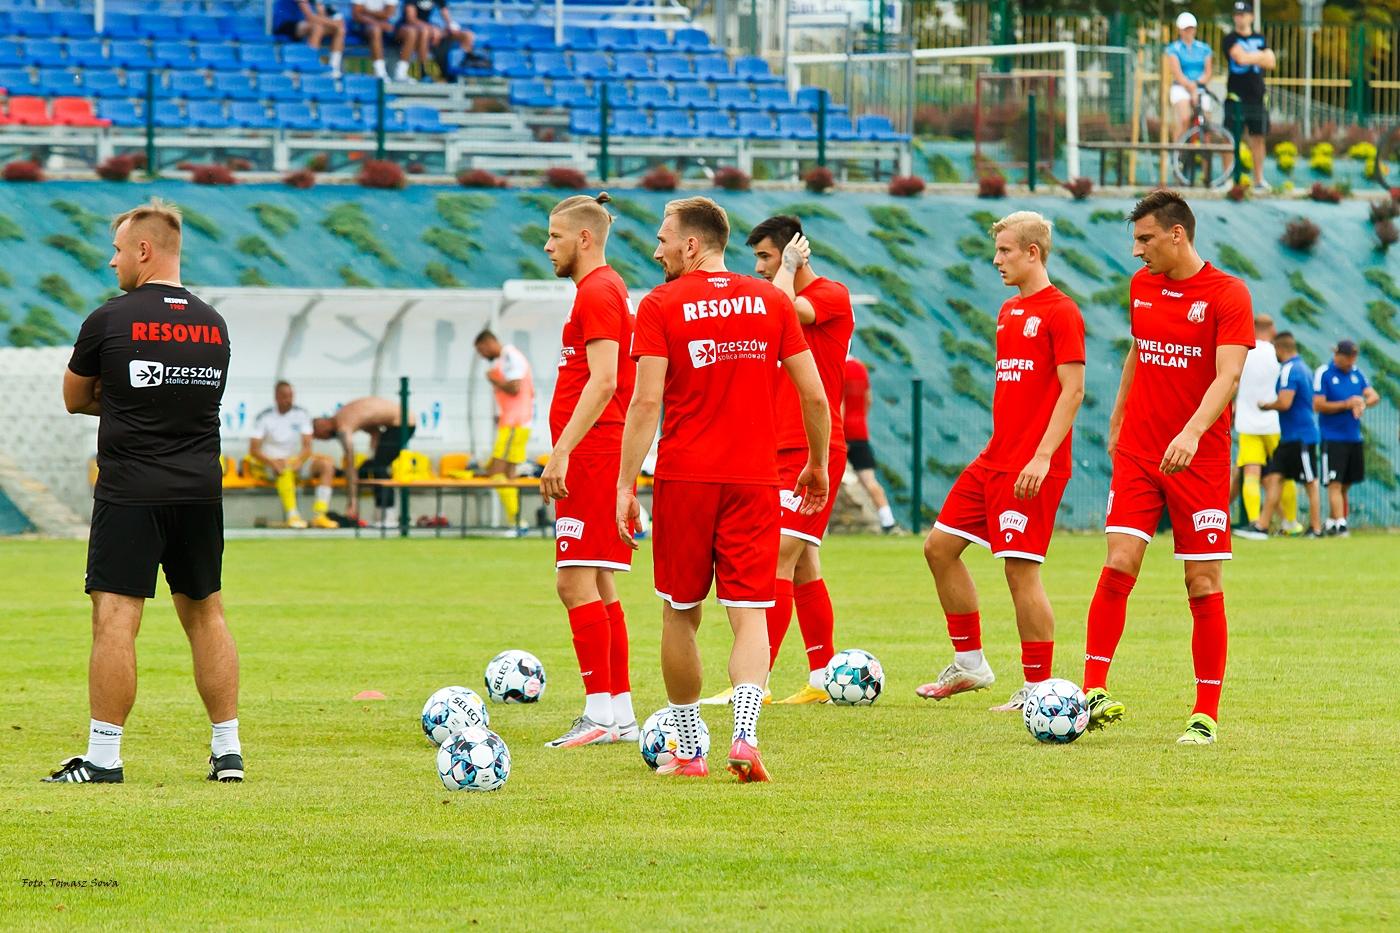 Mecz Resovia – Koszyce 2021.07.10 - Zdjęcie główne